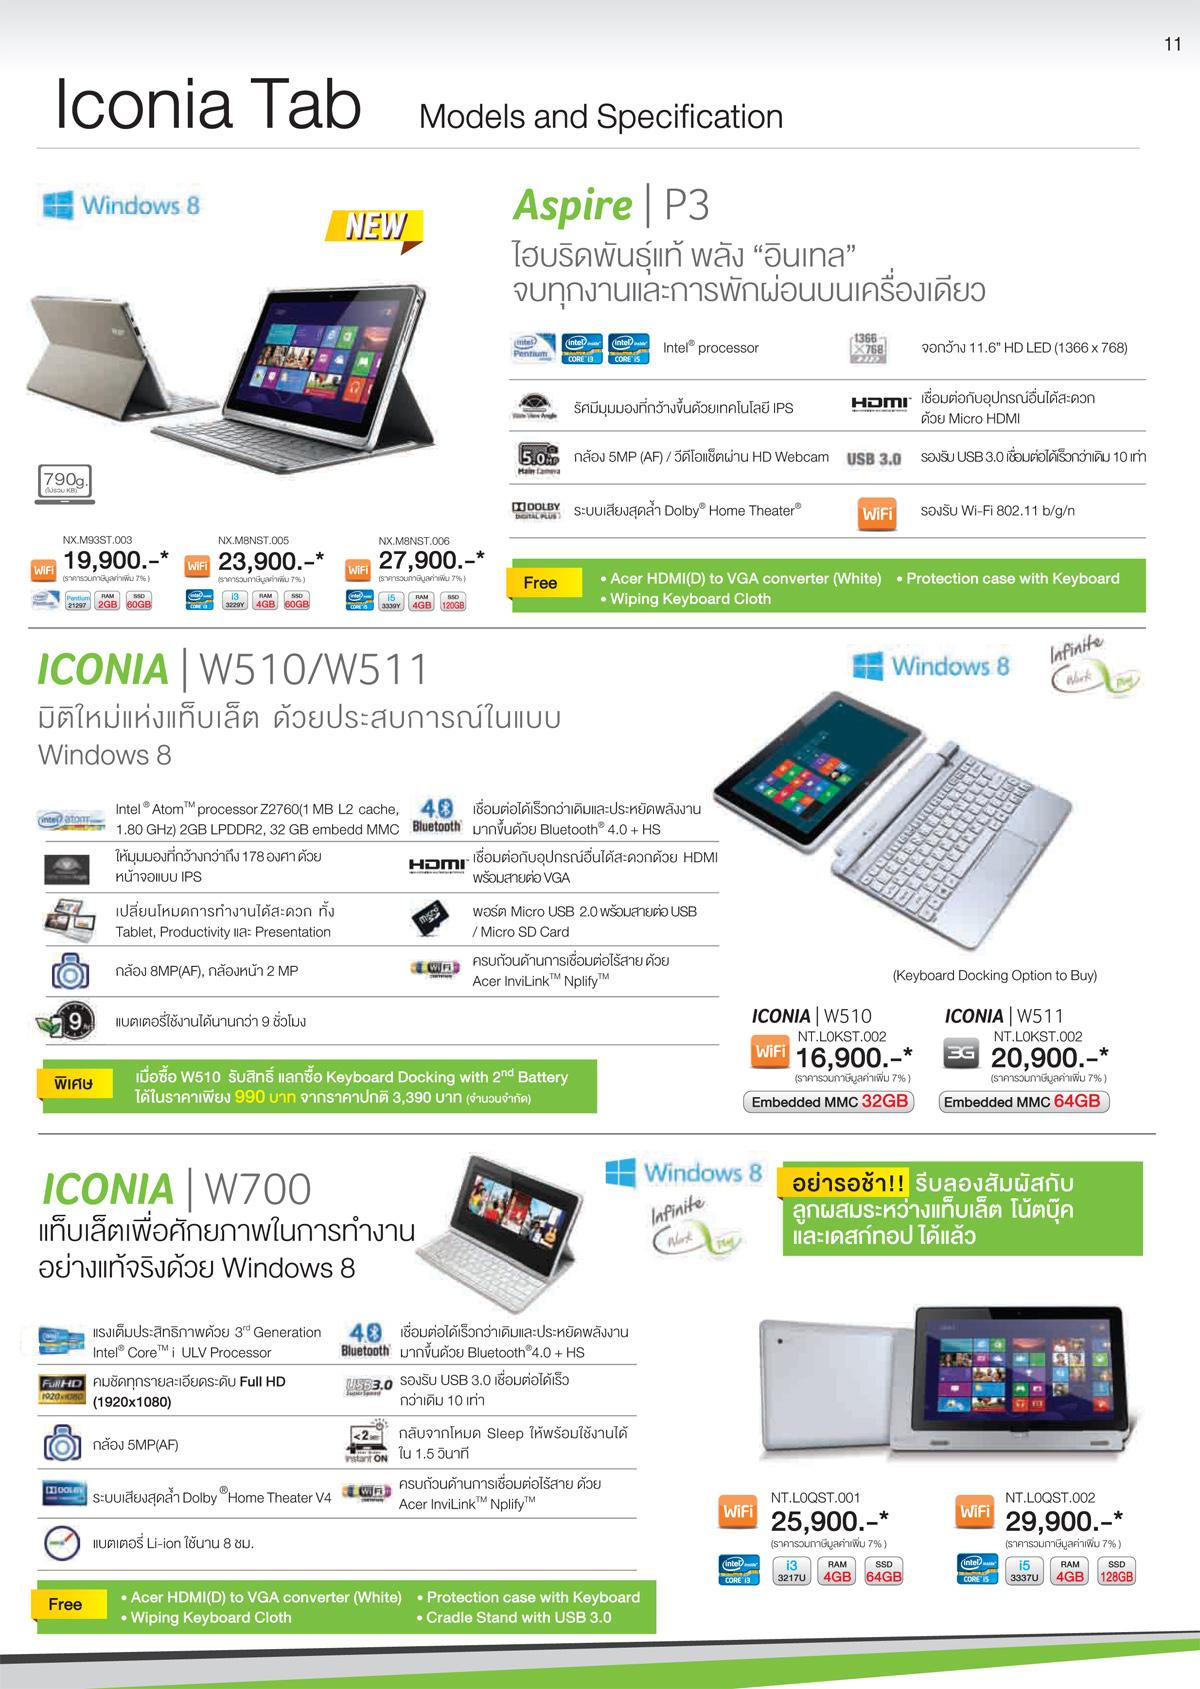 Acer4u Home July2013 13